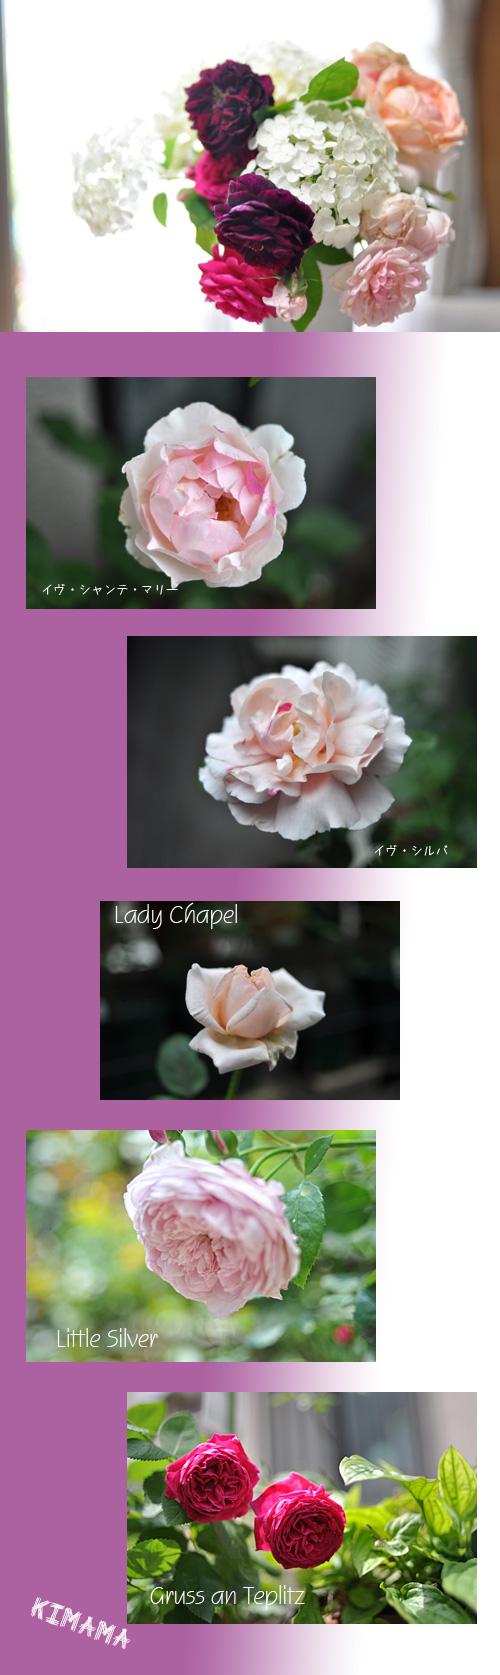 6月22日薔薇6